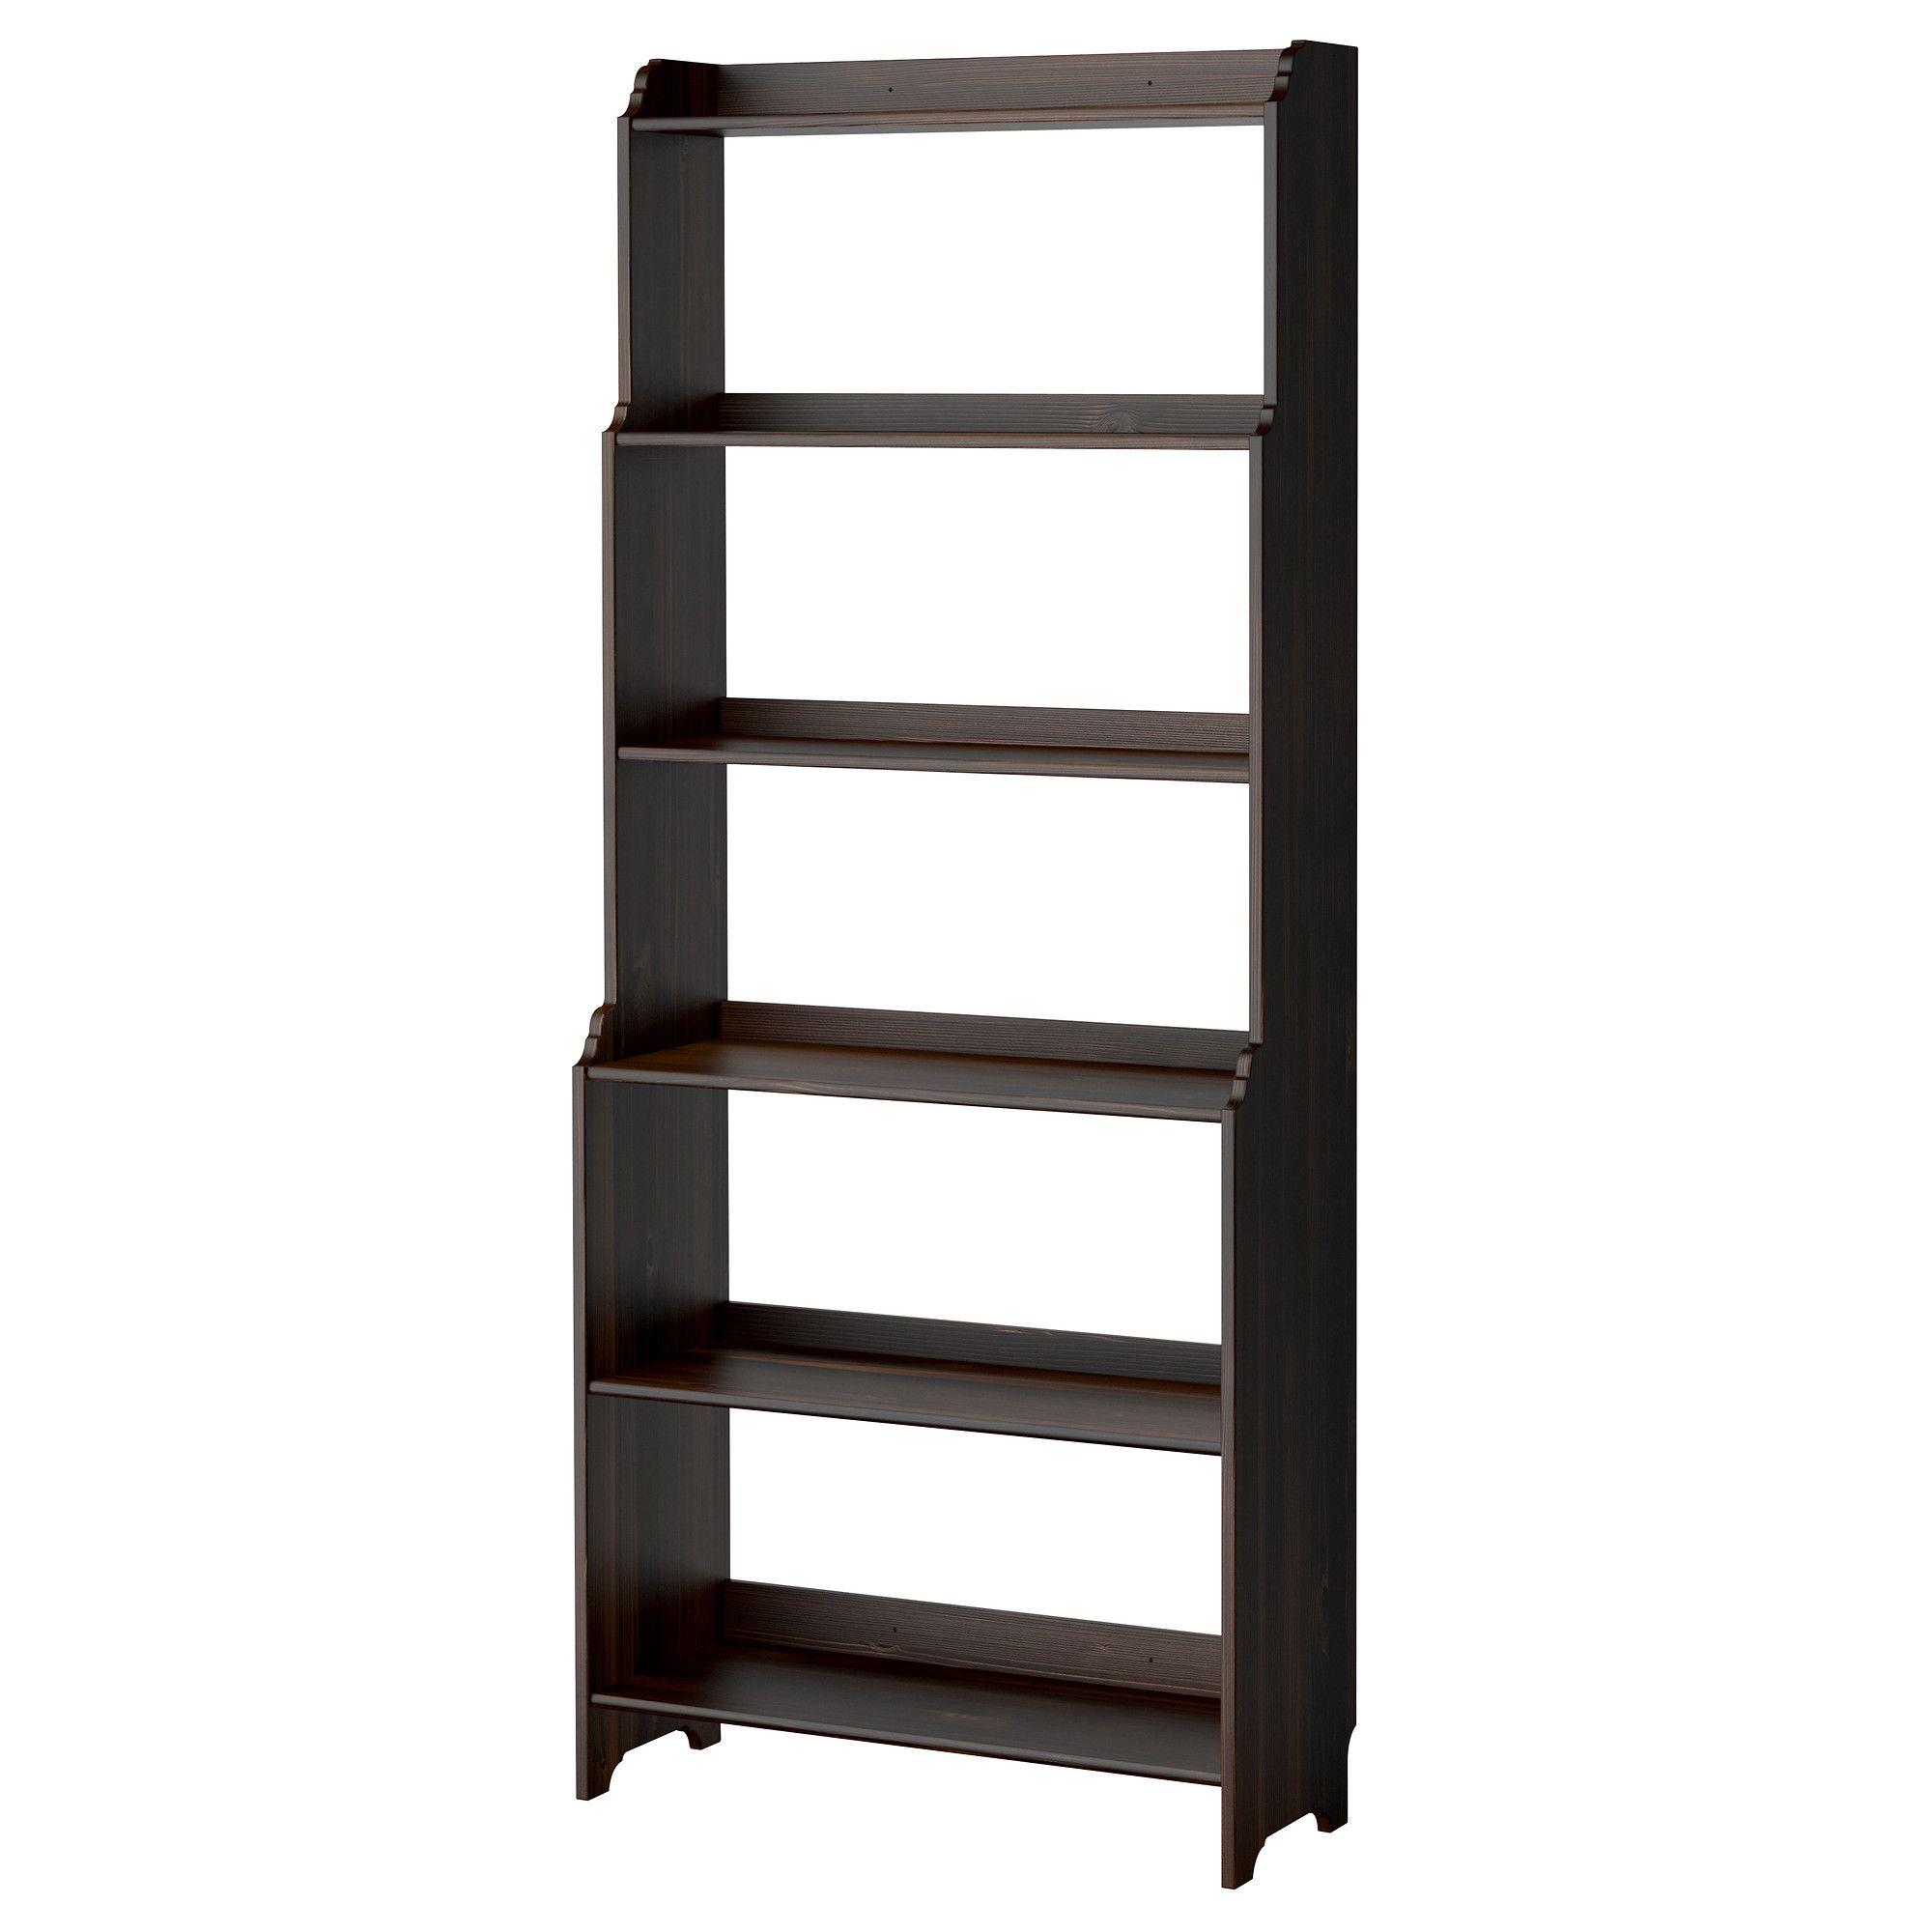 VALLVIK Bookcase IKEA another bookshelf option